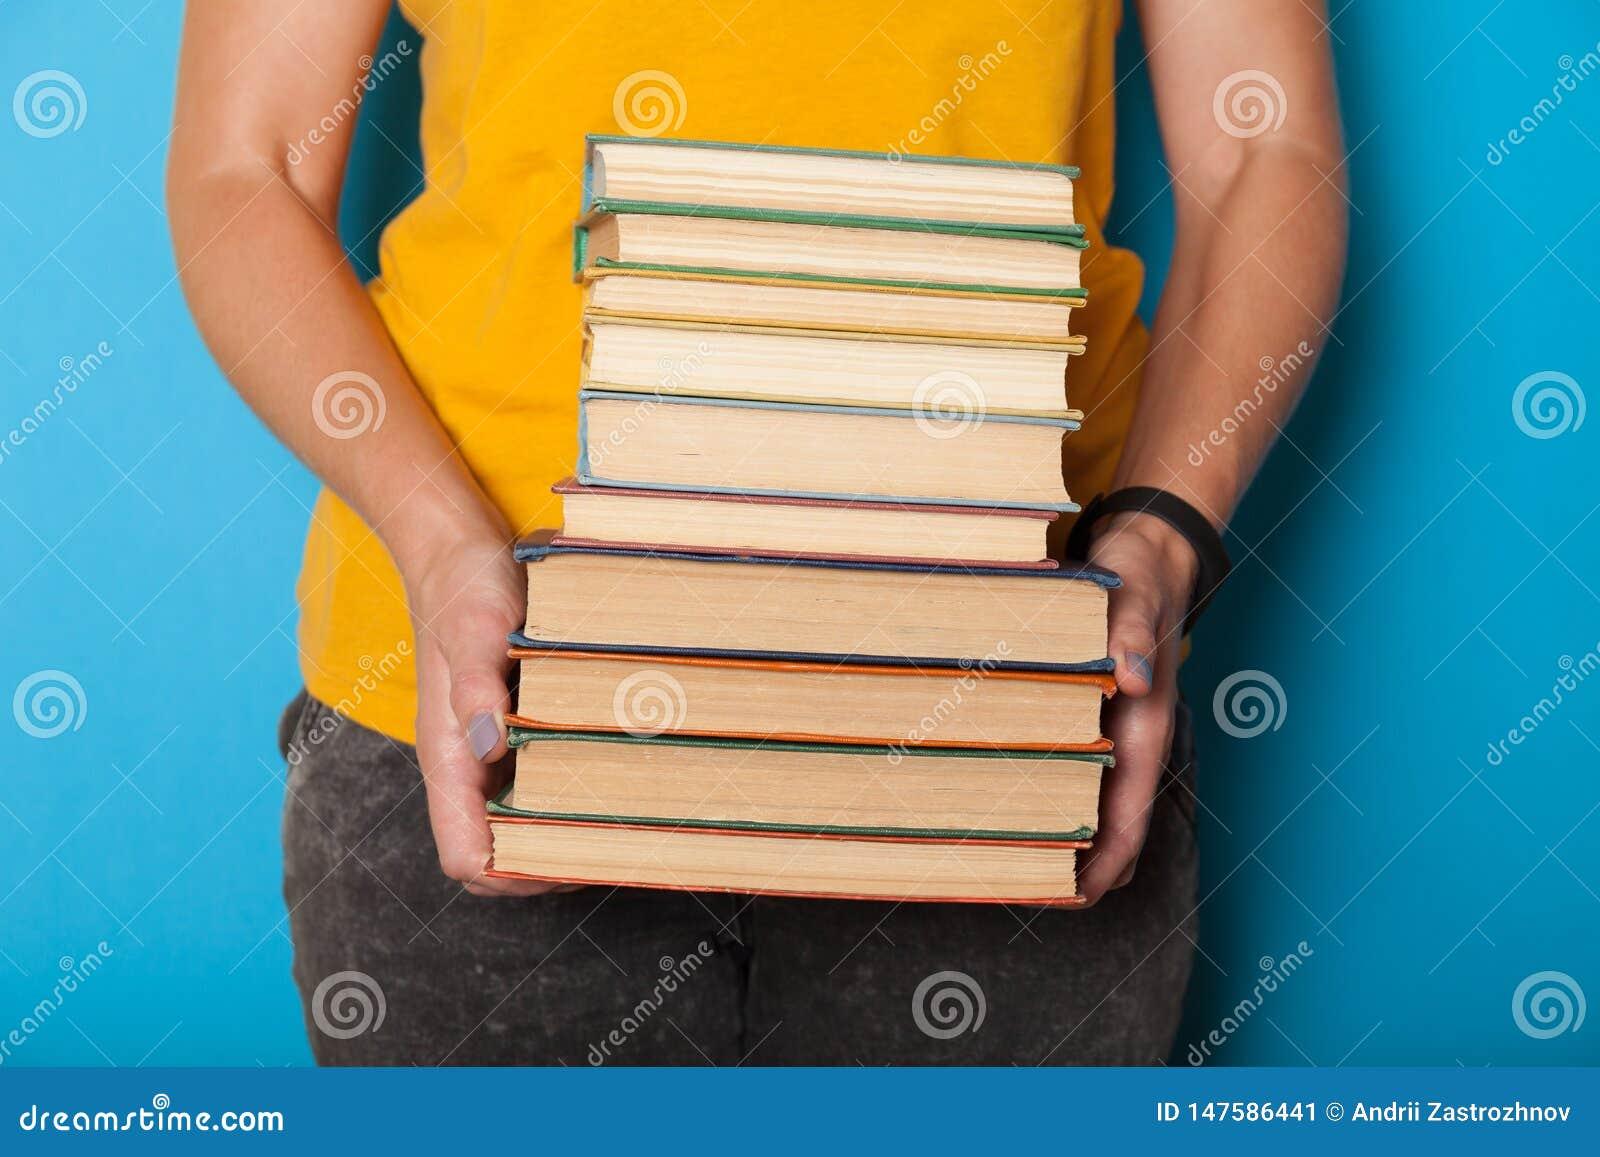 Σωρός βιβλίων, σωρός Μελέτη λογοτεχνίας στο σχολείο